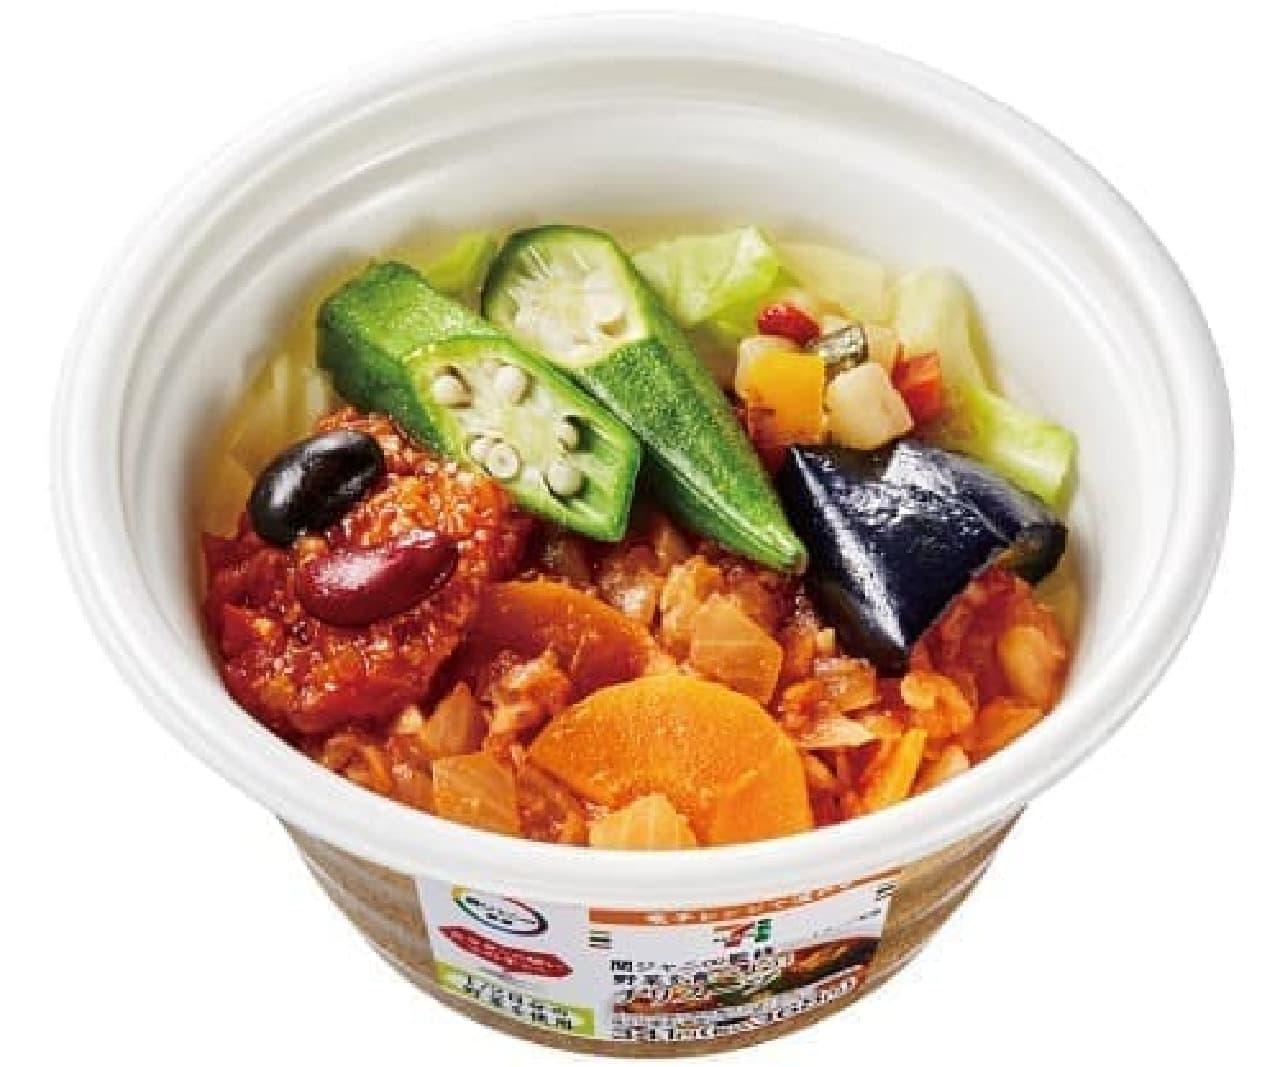 セブン-イレブン「関ジャニ∞監修 野菜を食べよう!チリスープ」